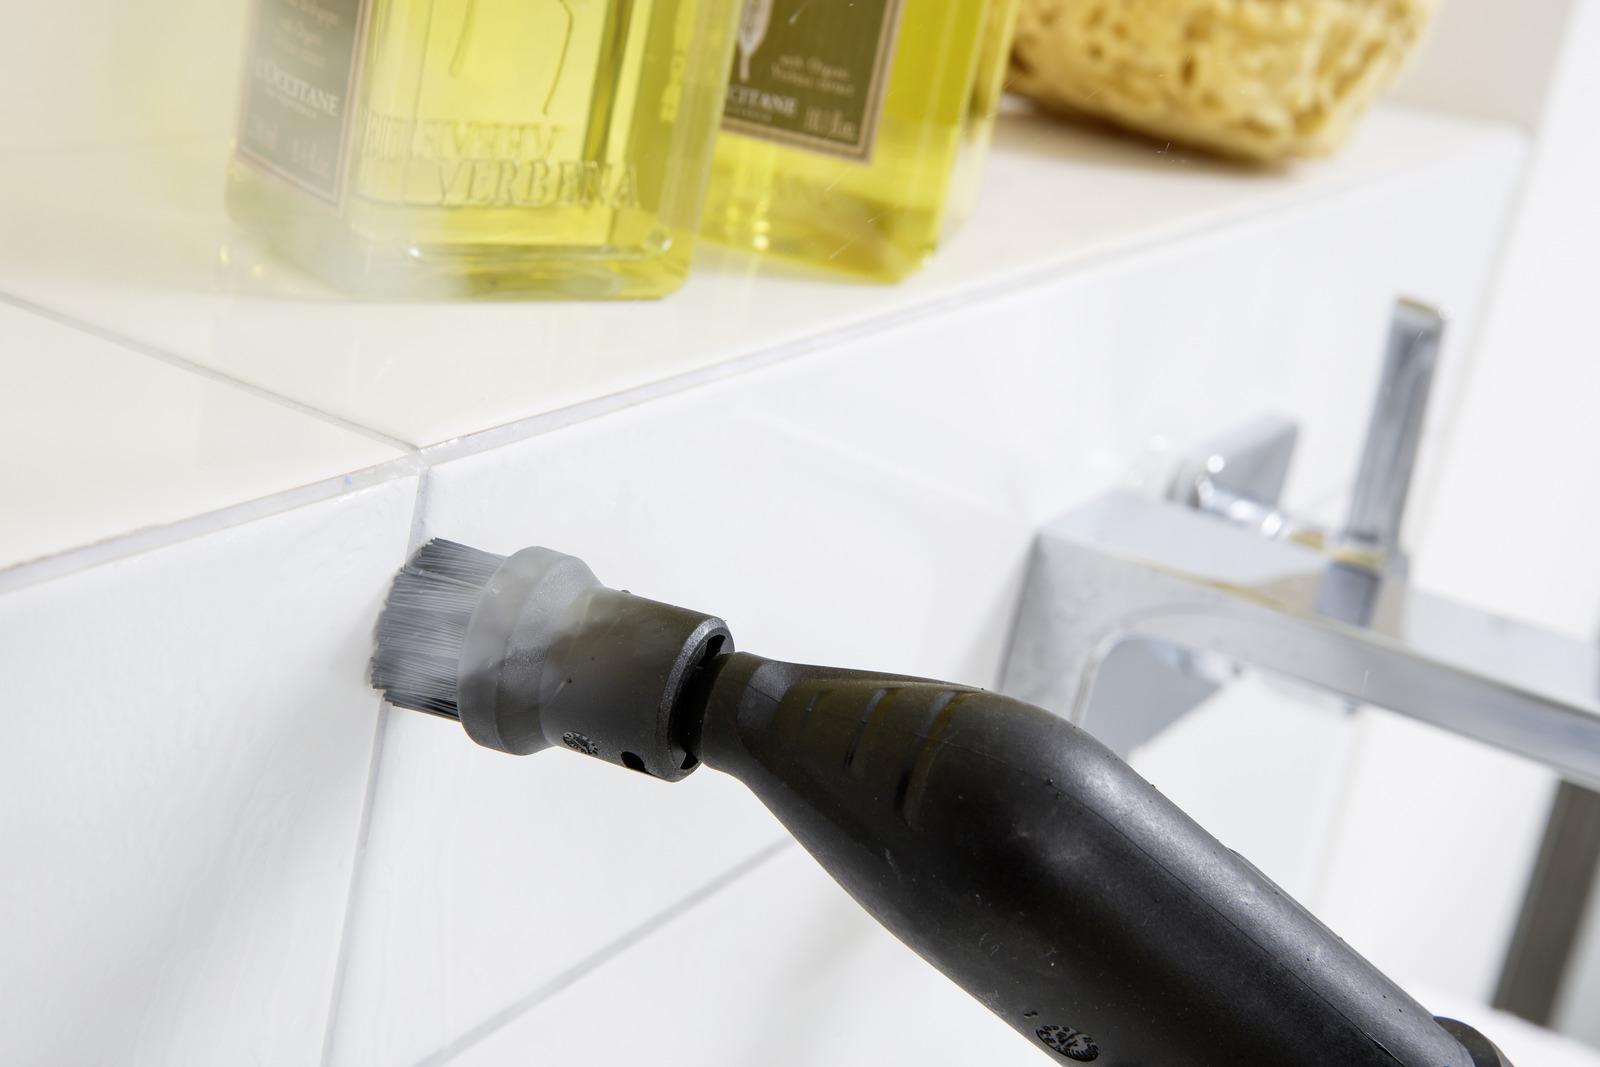 dampfreiniger sc 5 easyfix iron k rcher. Black Bedroom Furniture Sets. Home Design Ideas